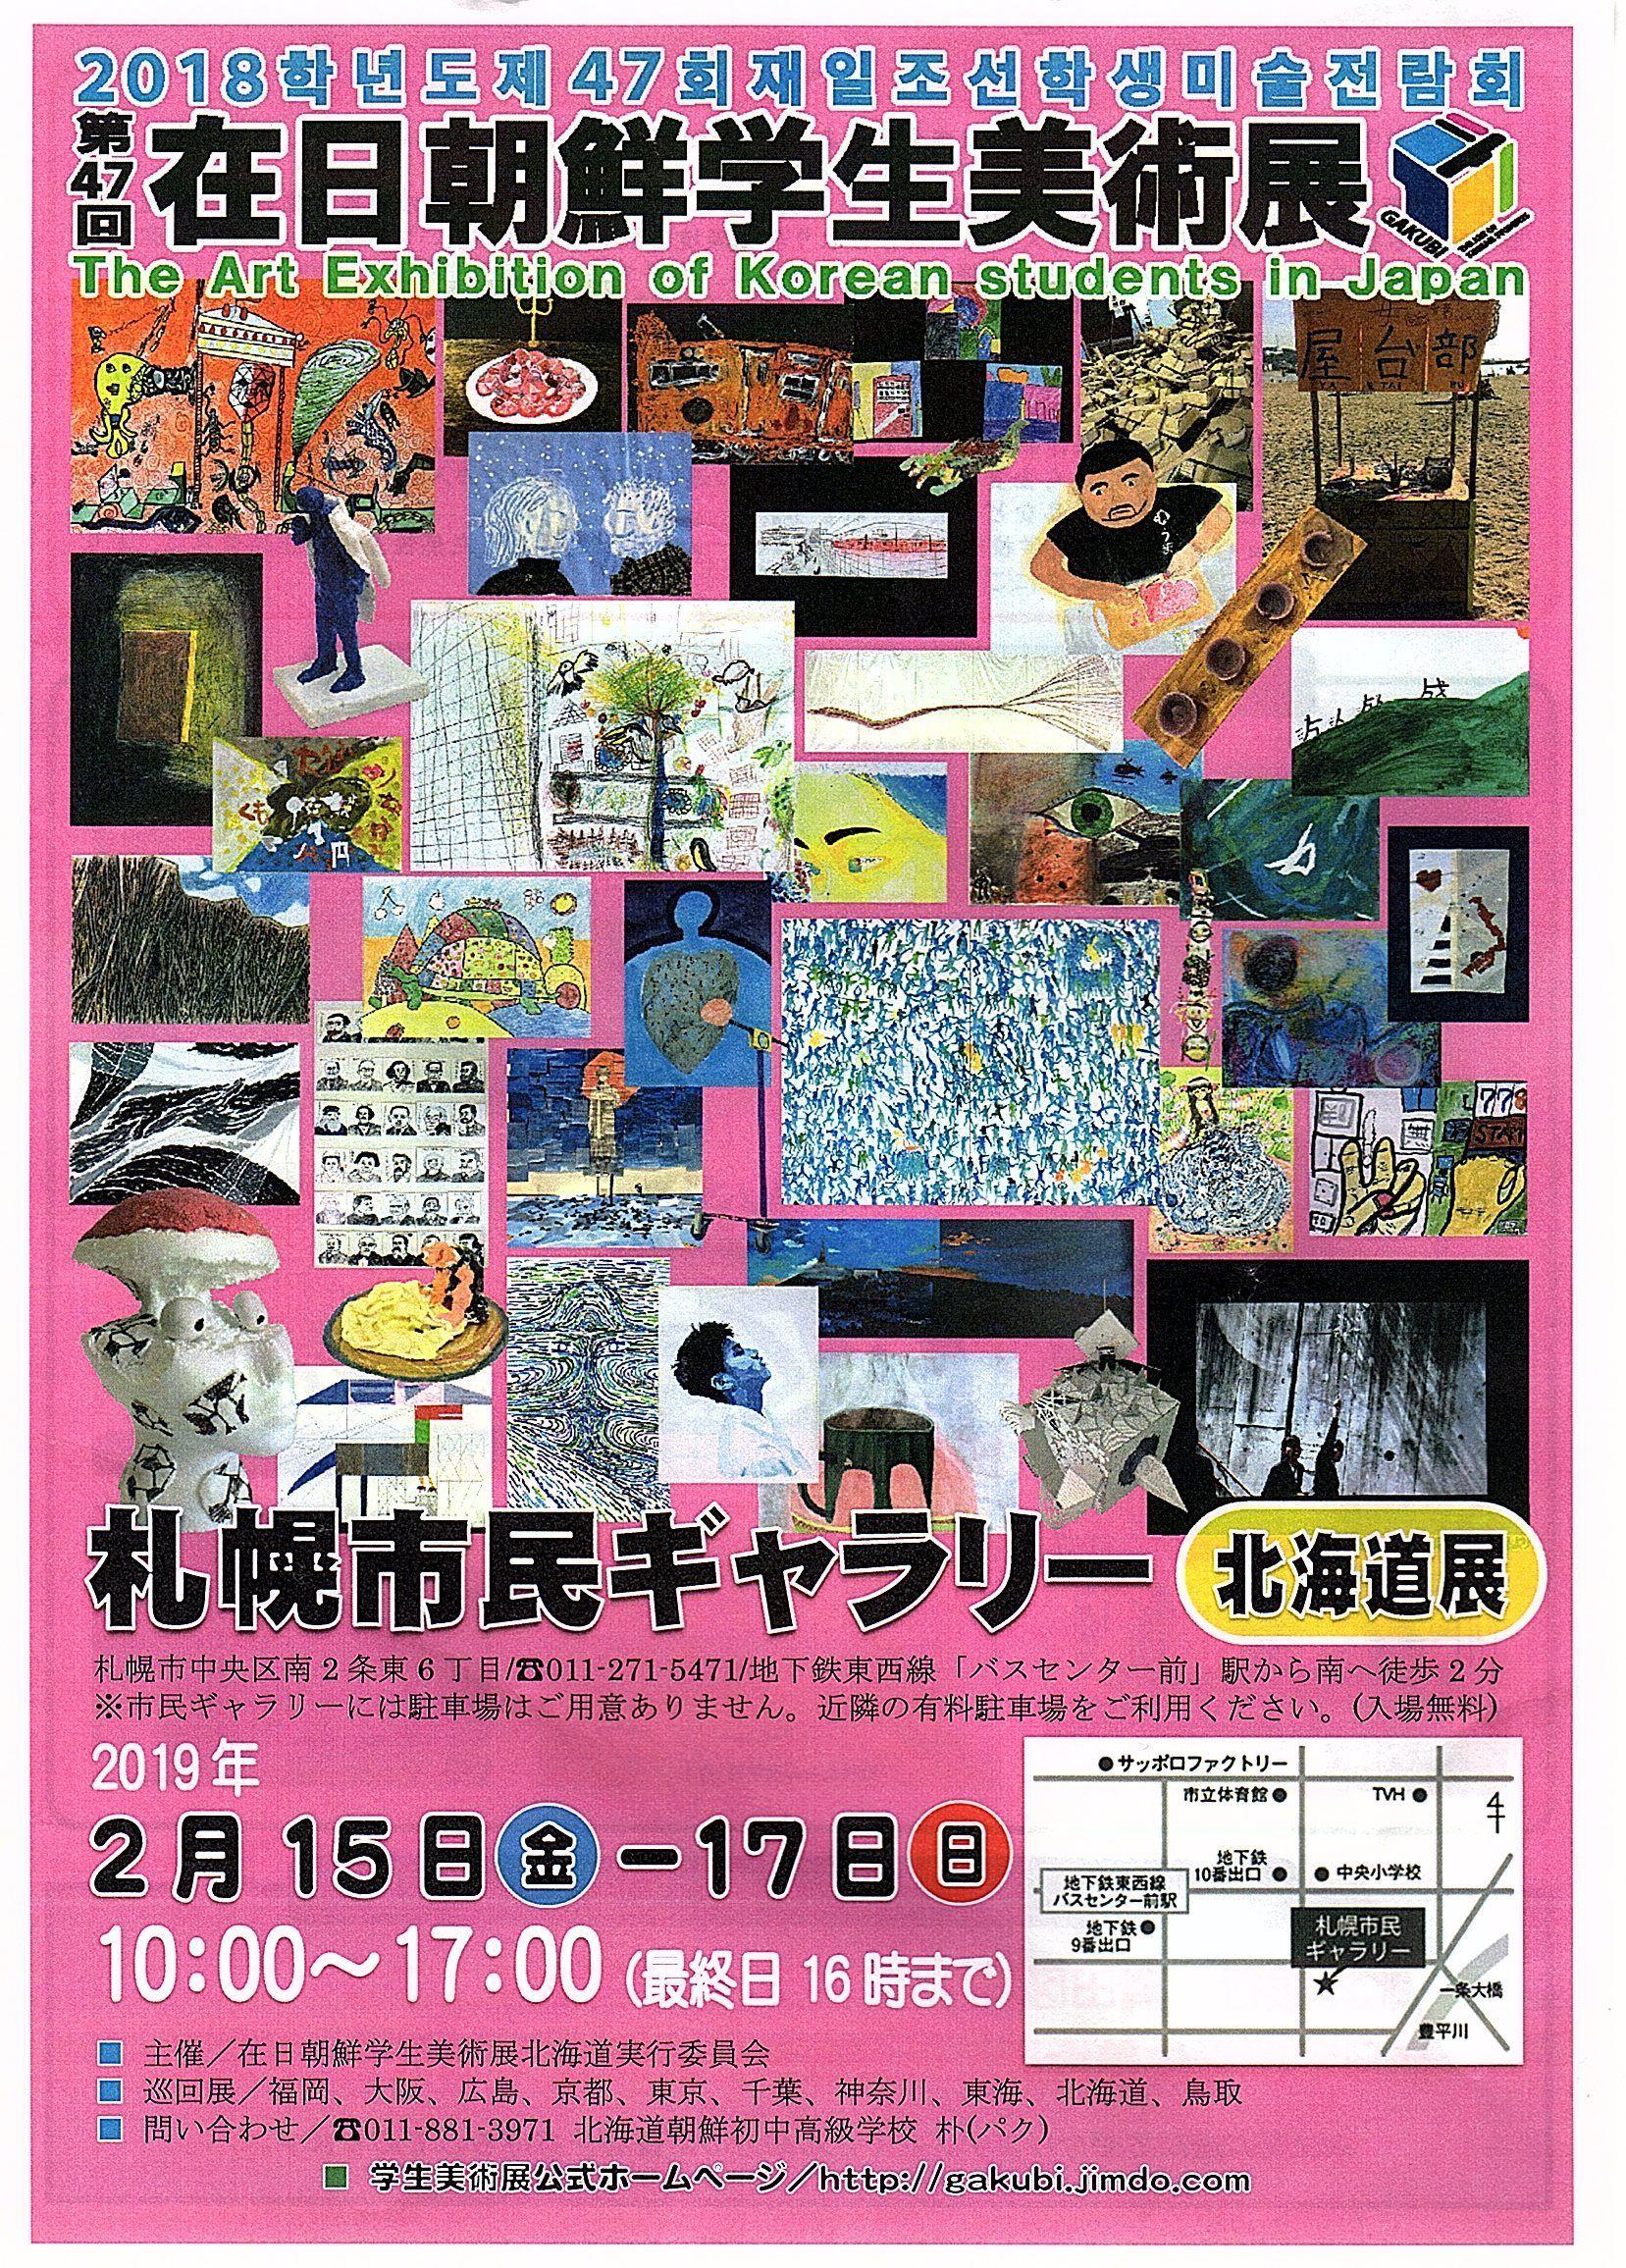 第47回在日朝鮮学生美術展北海道展 イメージ画像